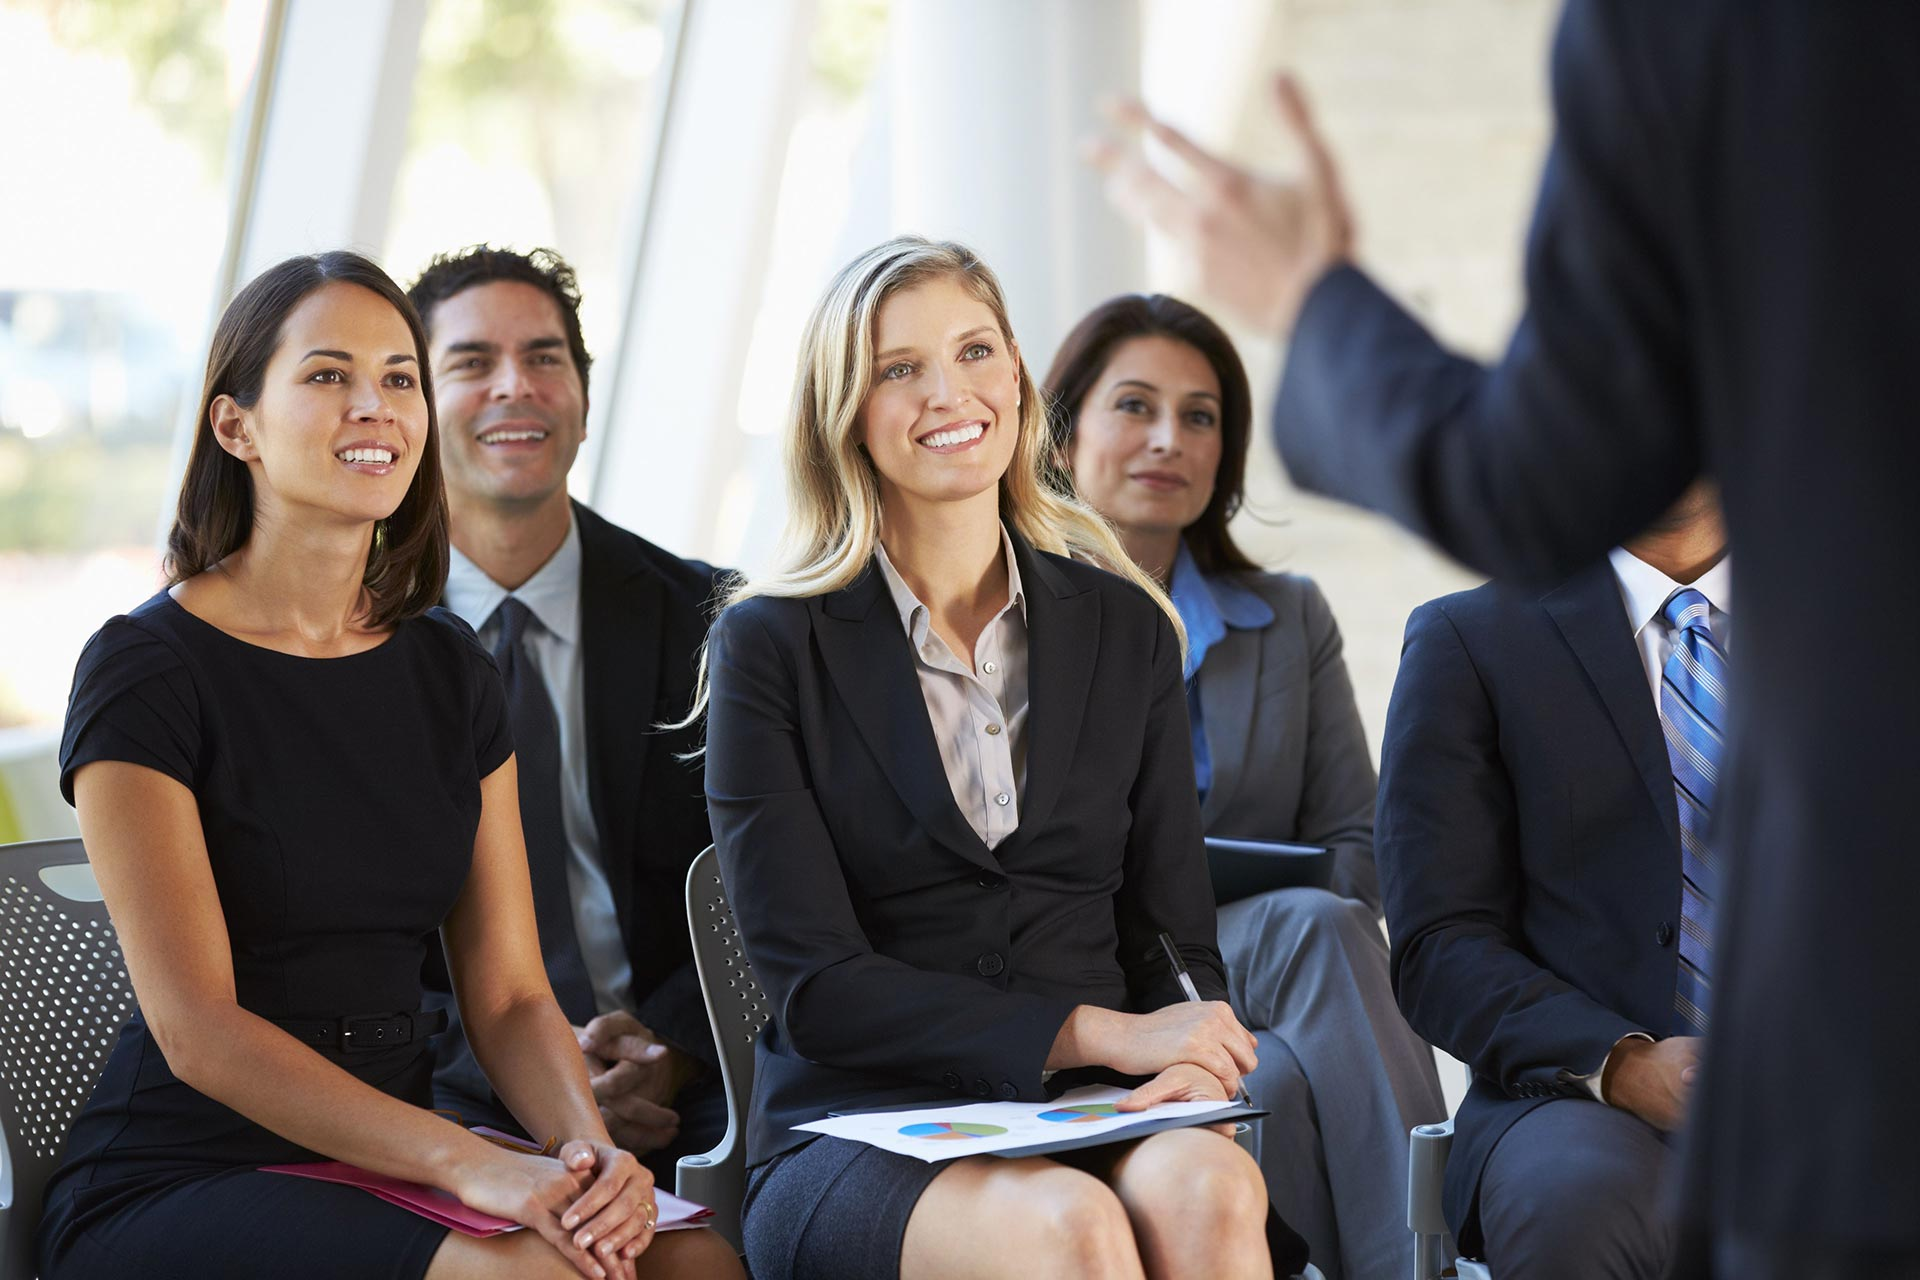 Простые способы заинтересовать аудиторию при публичном выступлении. Ходите и двигайтесь уверенно.